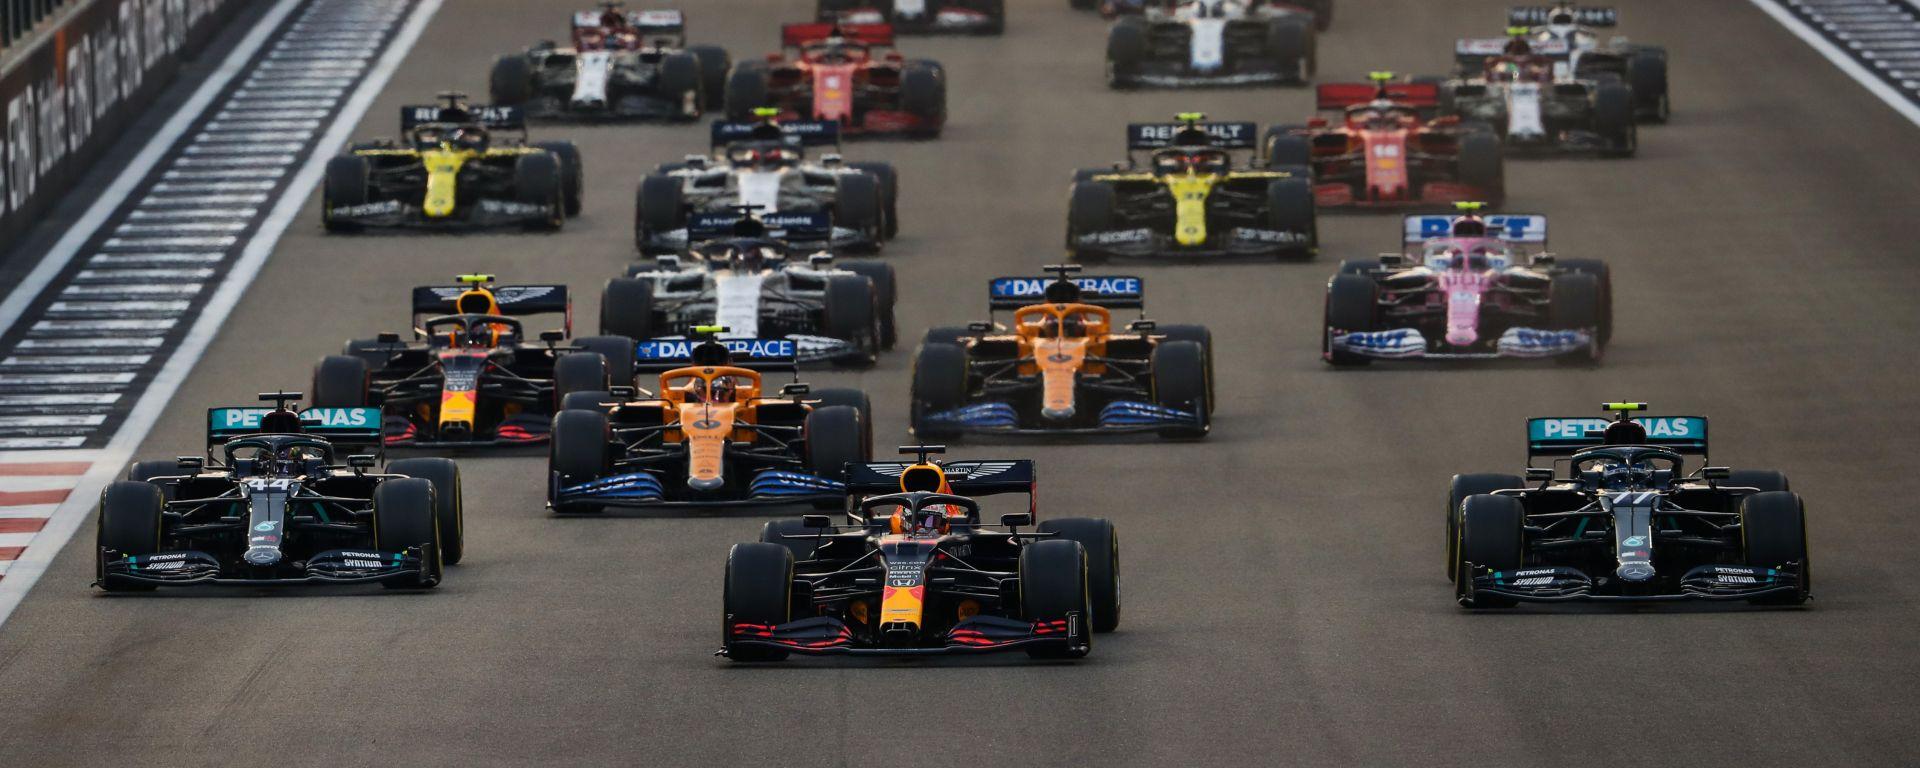 F1, GP Abu Dhabi 2020: la partenza